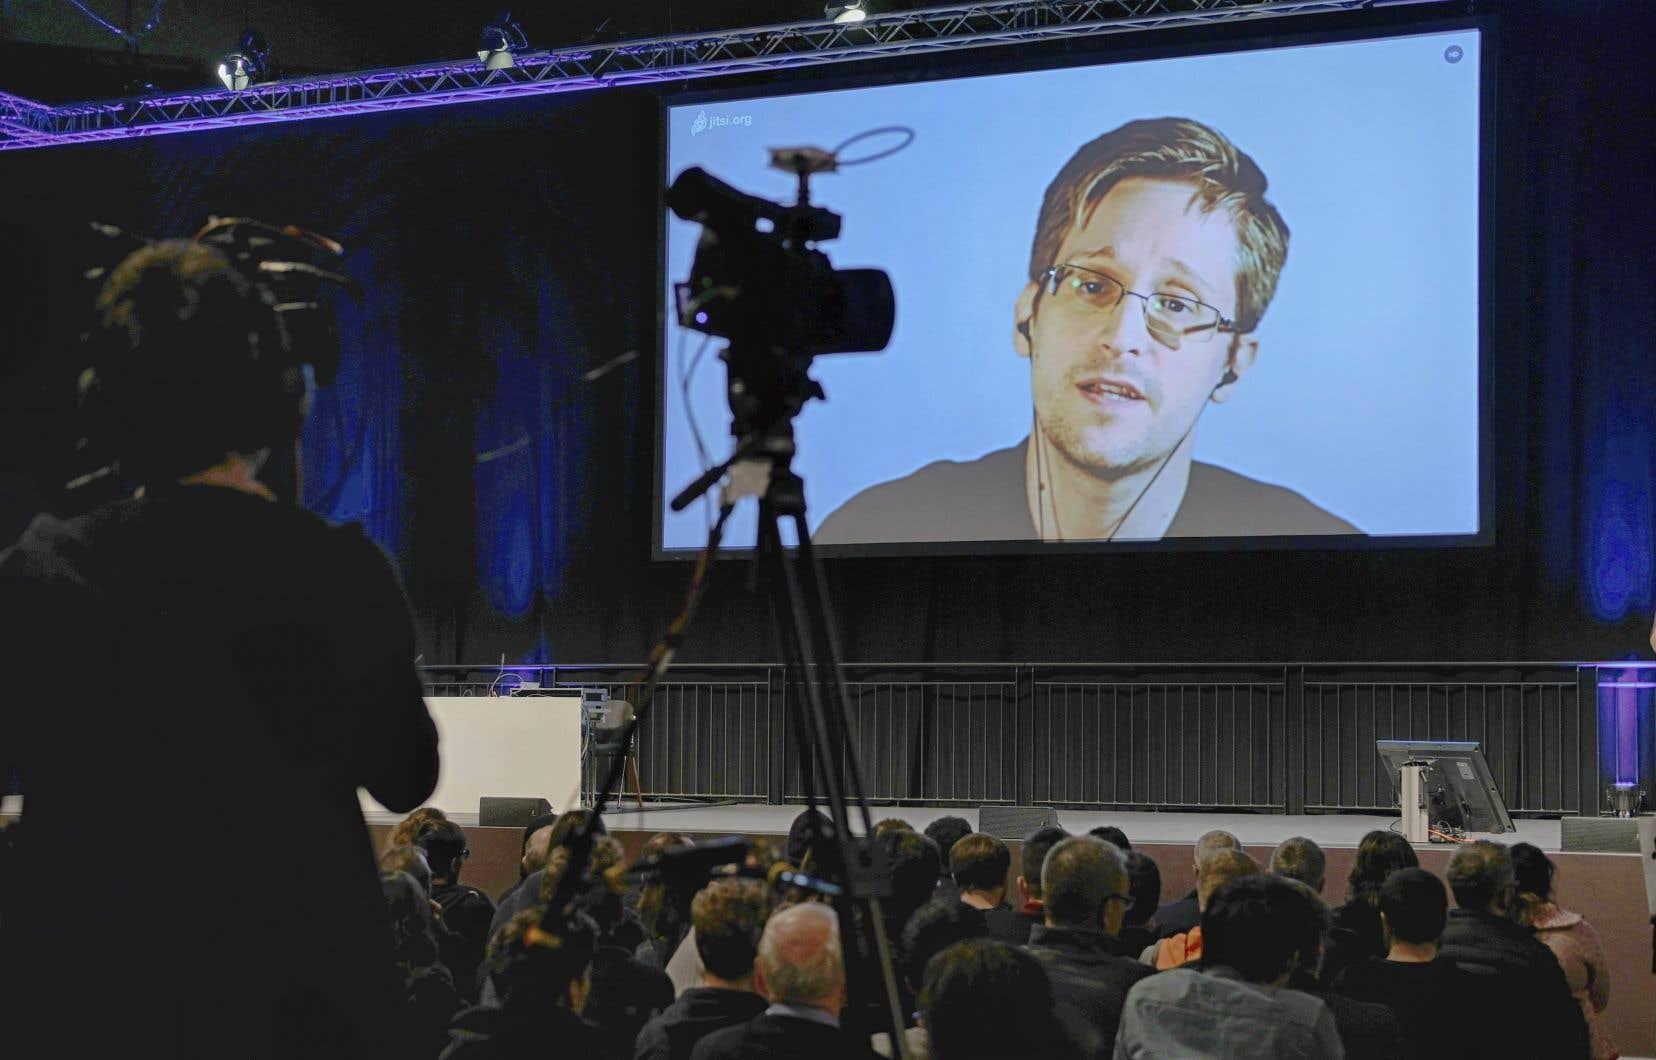 «Vous savez parfaitement ce que vous dites au téléphone ou ce que vous écrivez dans un e-mail. En revanche, vous ne contrôlez pas, ou à peine, les métadonnées que vous générez automatiquement», souligne Edward Snowden (sur la photo).